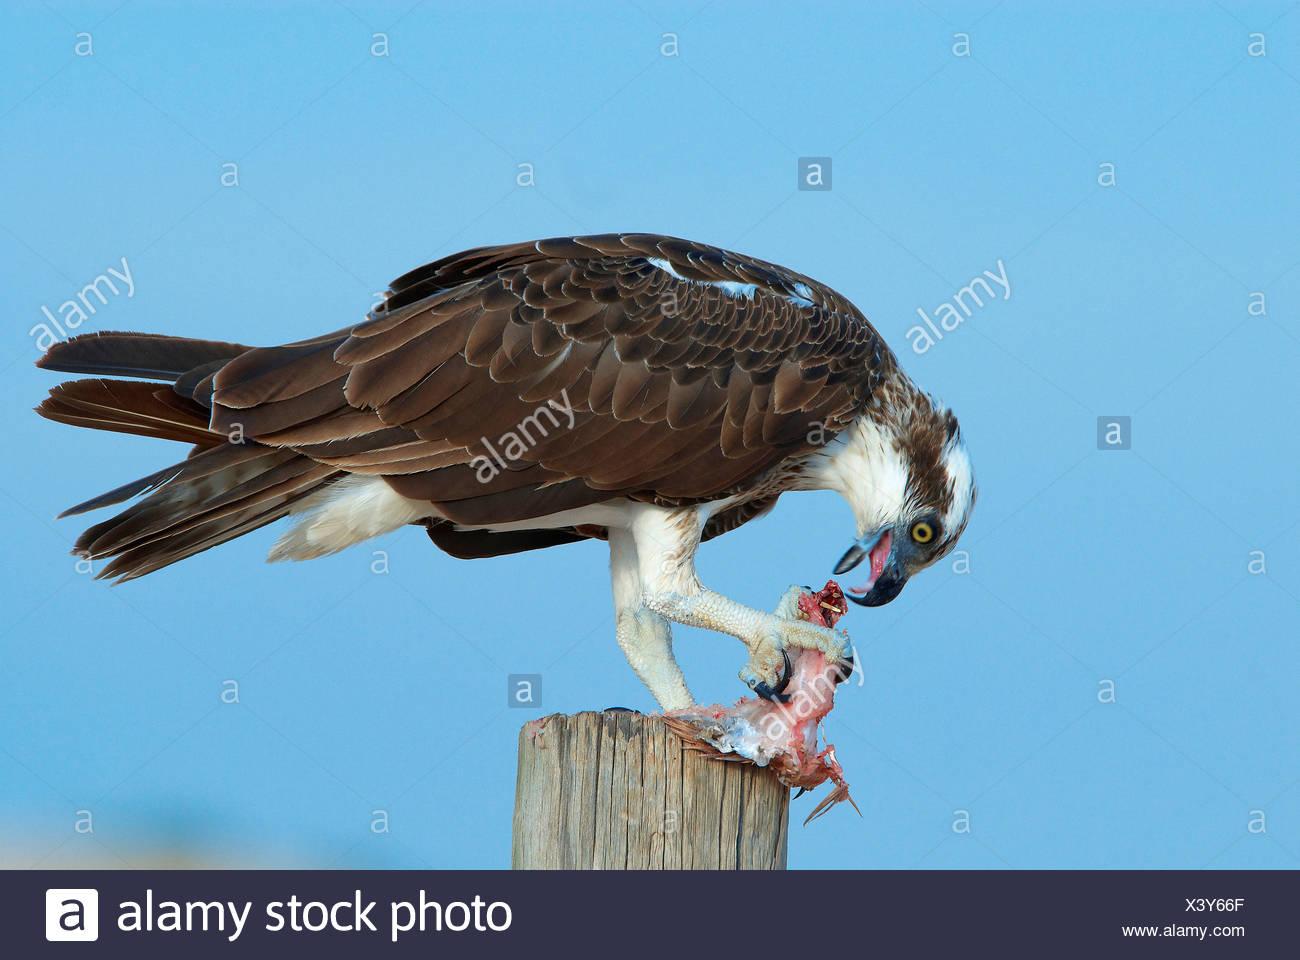 Eagle, Australia, cape Leveque, pesce, animali, uccelli, Western Australia, preda, mangiare Immagini Stock